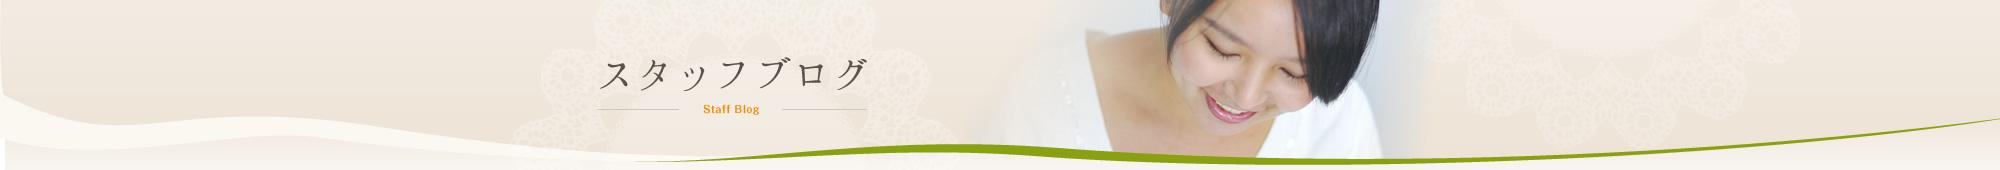 トピックス|楽庵(らくあん)は出張専門のマッサージサロンです。